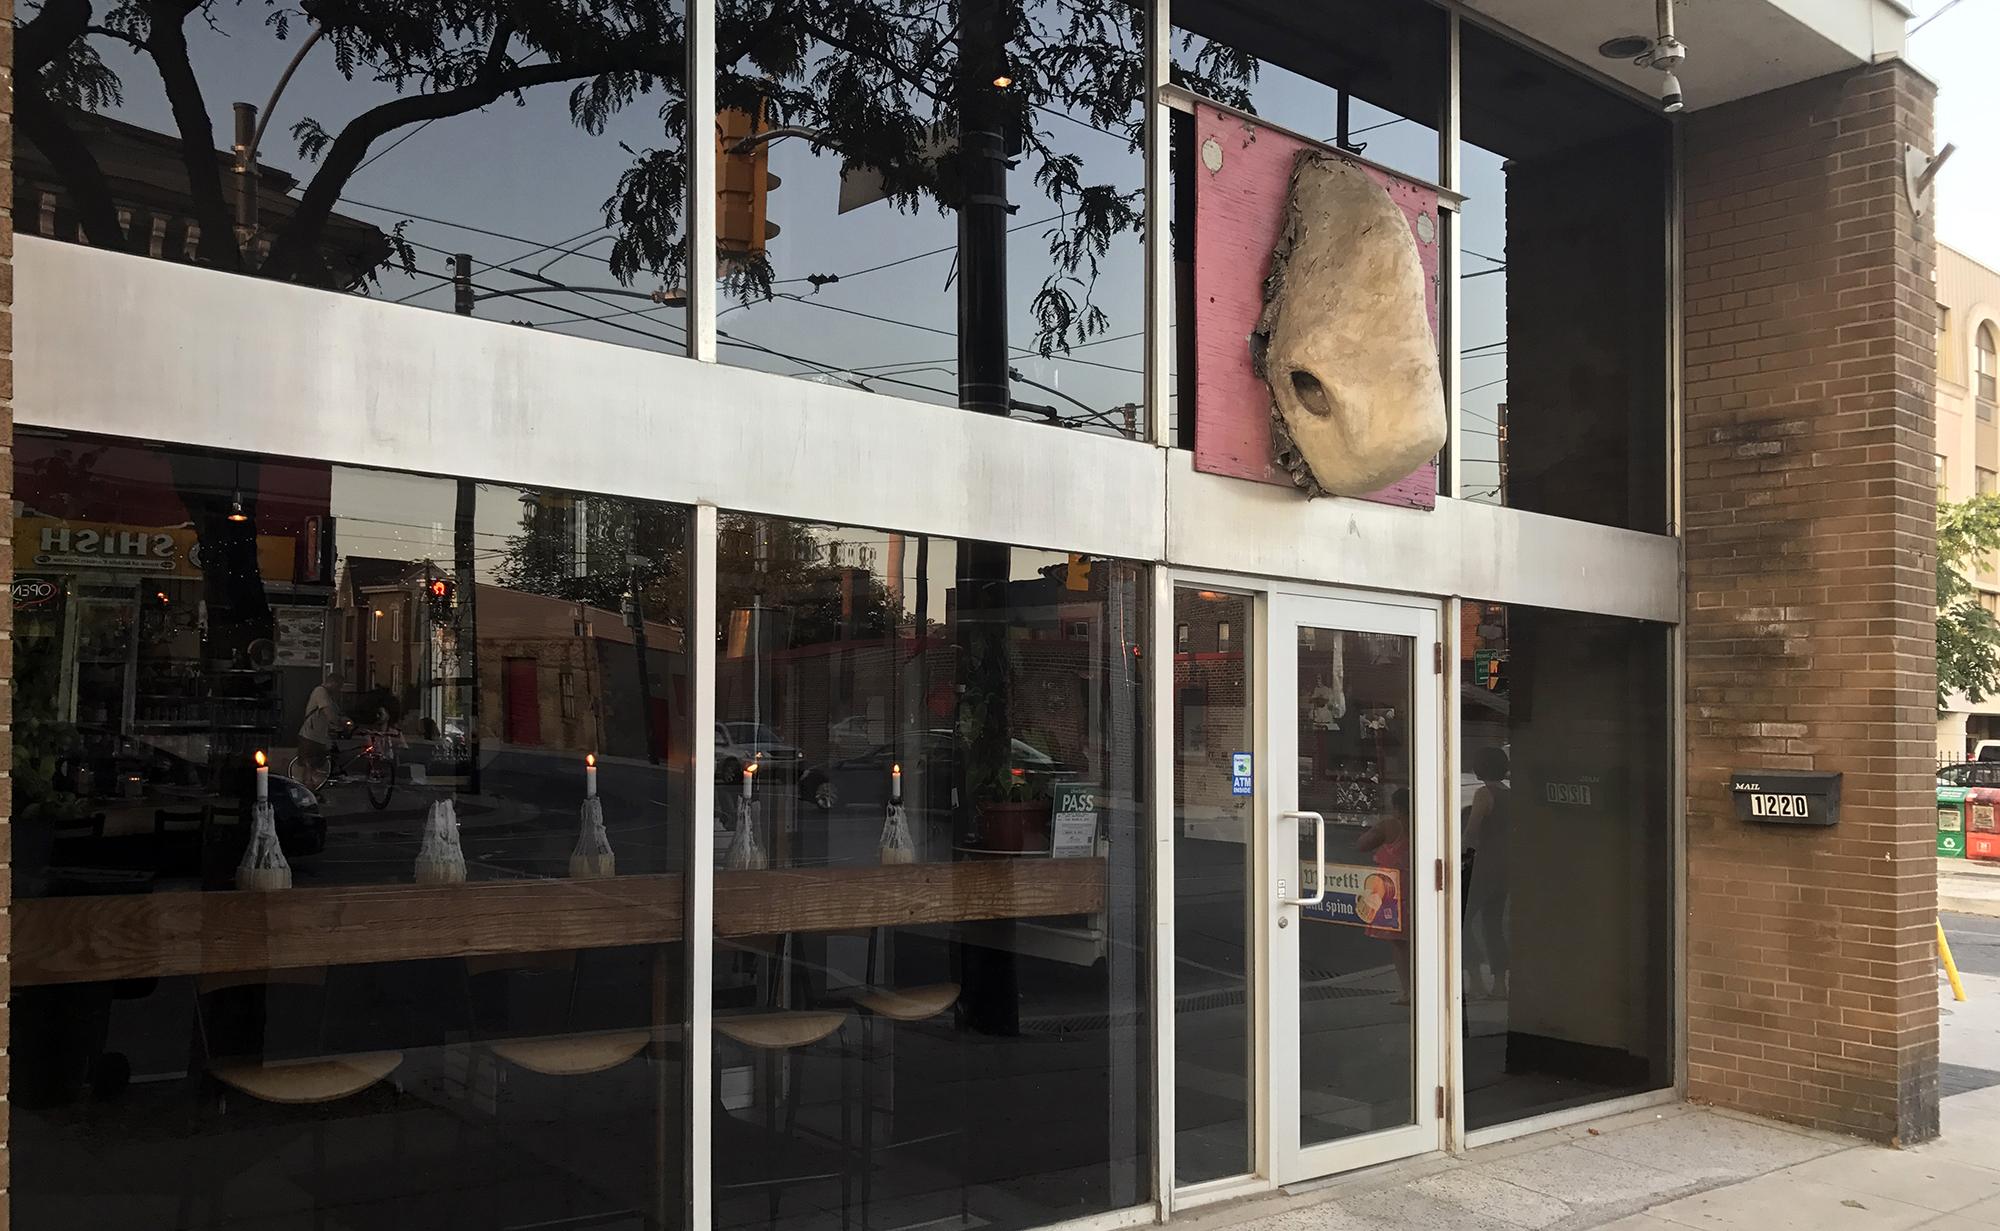 Gio Rana's - Exterior Sign - Nose